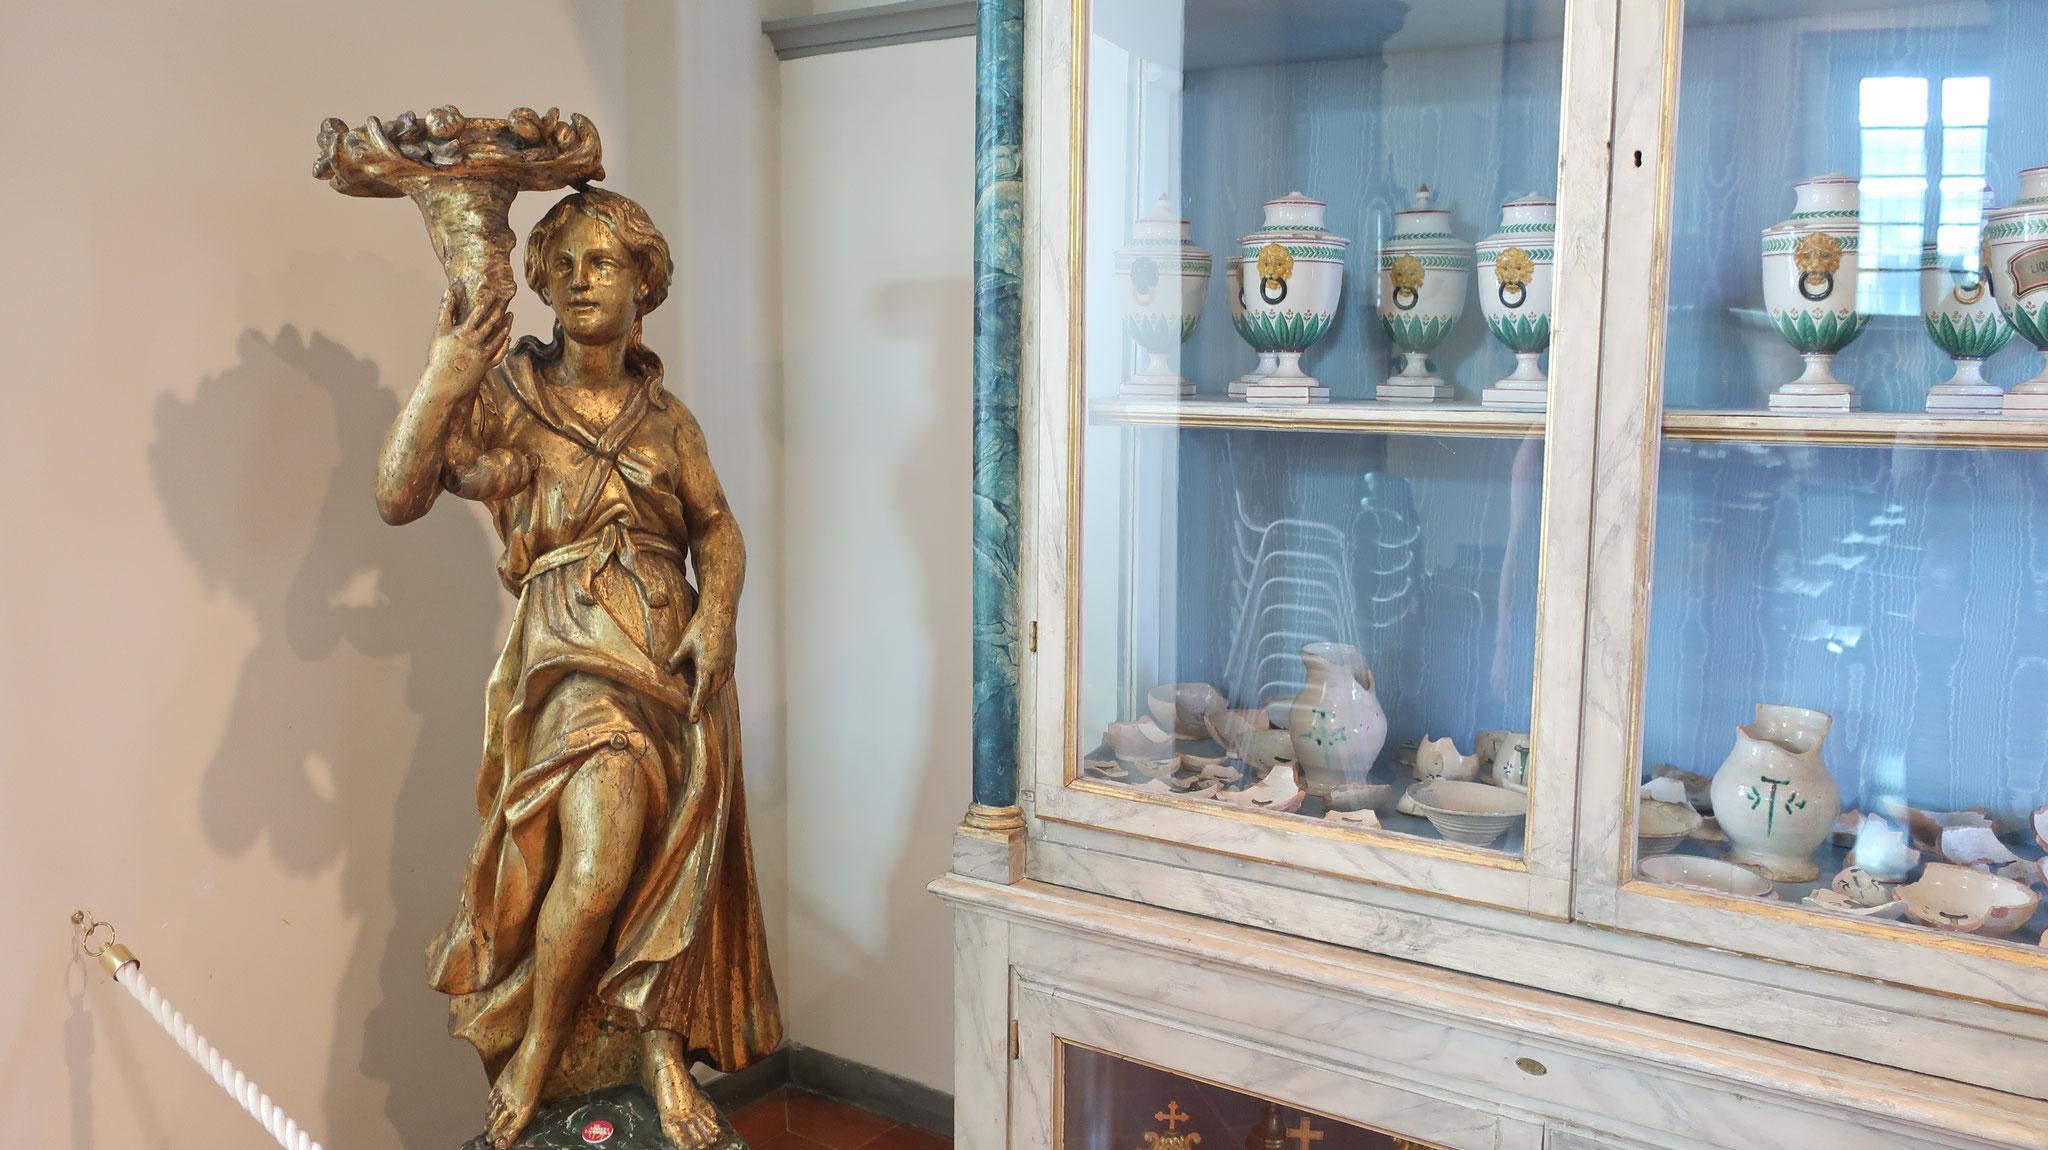 15世紀、ローマ法王マルティーノ5世の訪問を記念した部屋。薬の瓶が並びます。